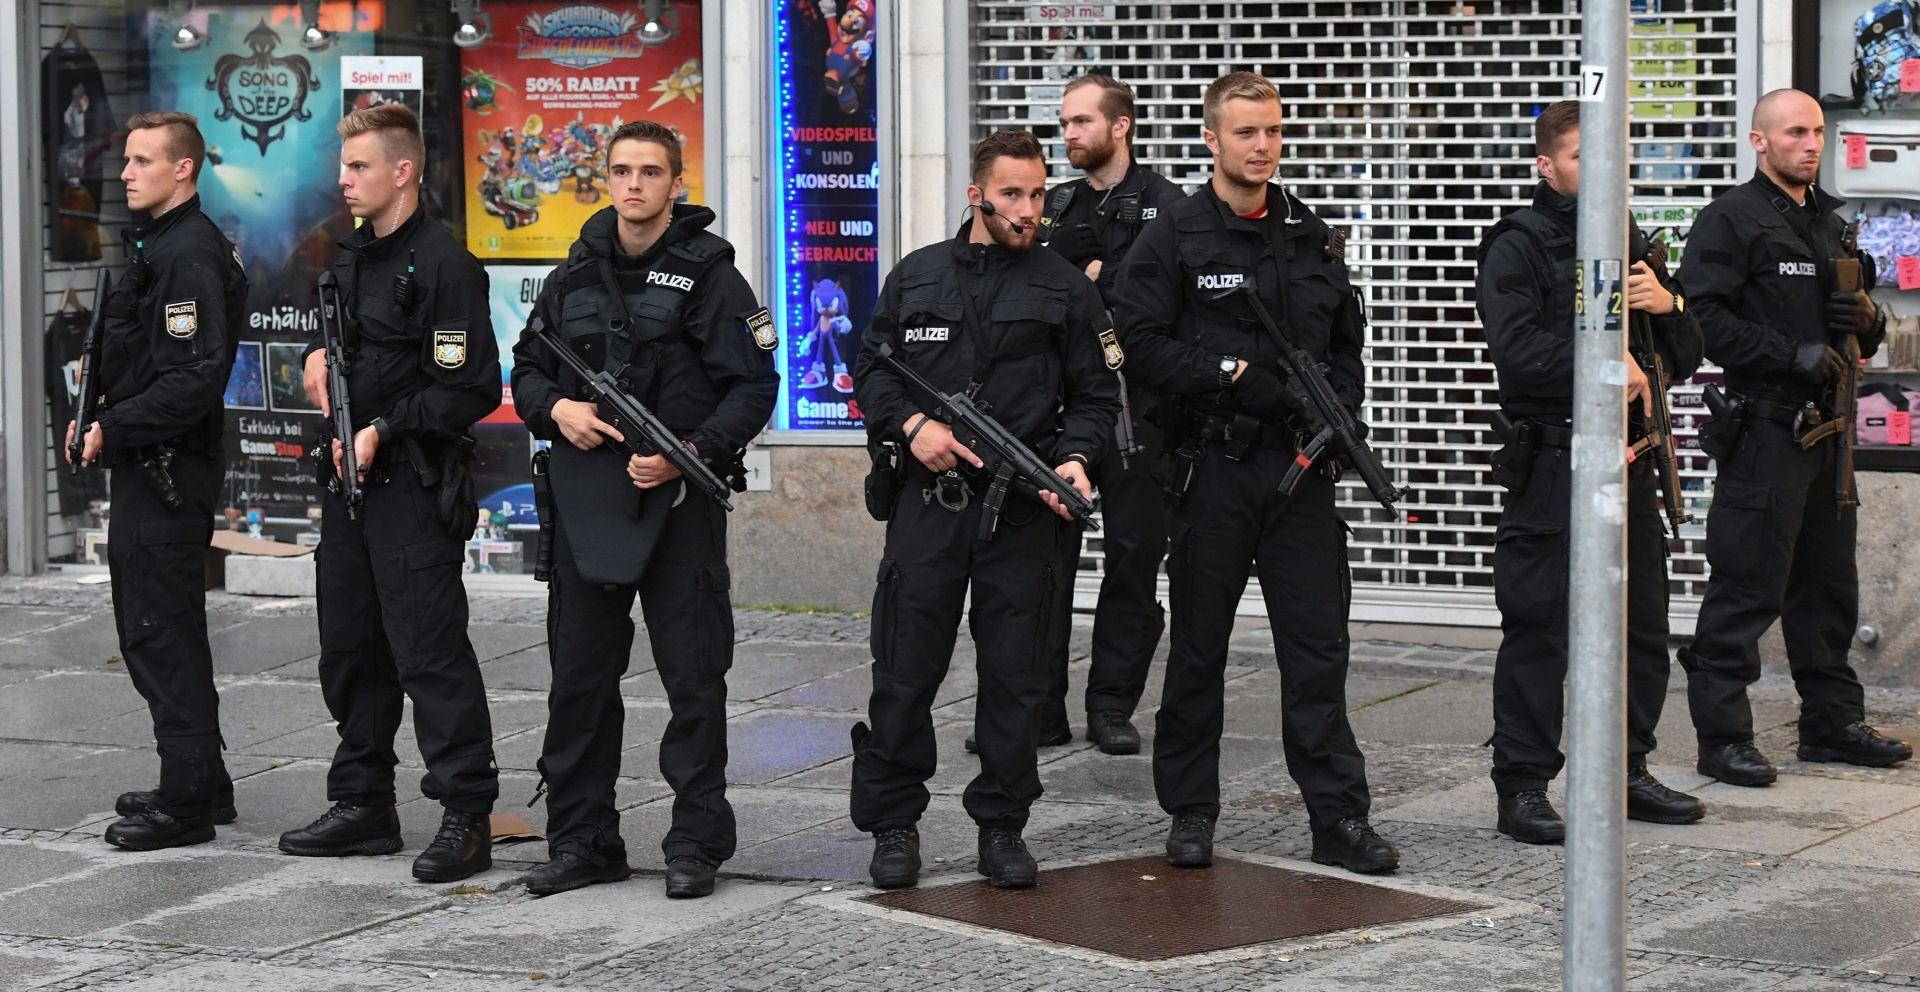 Iran osudio napad na trgovački centar u Muenchenu